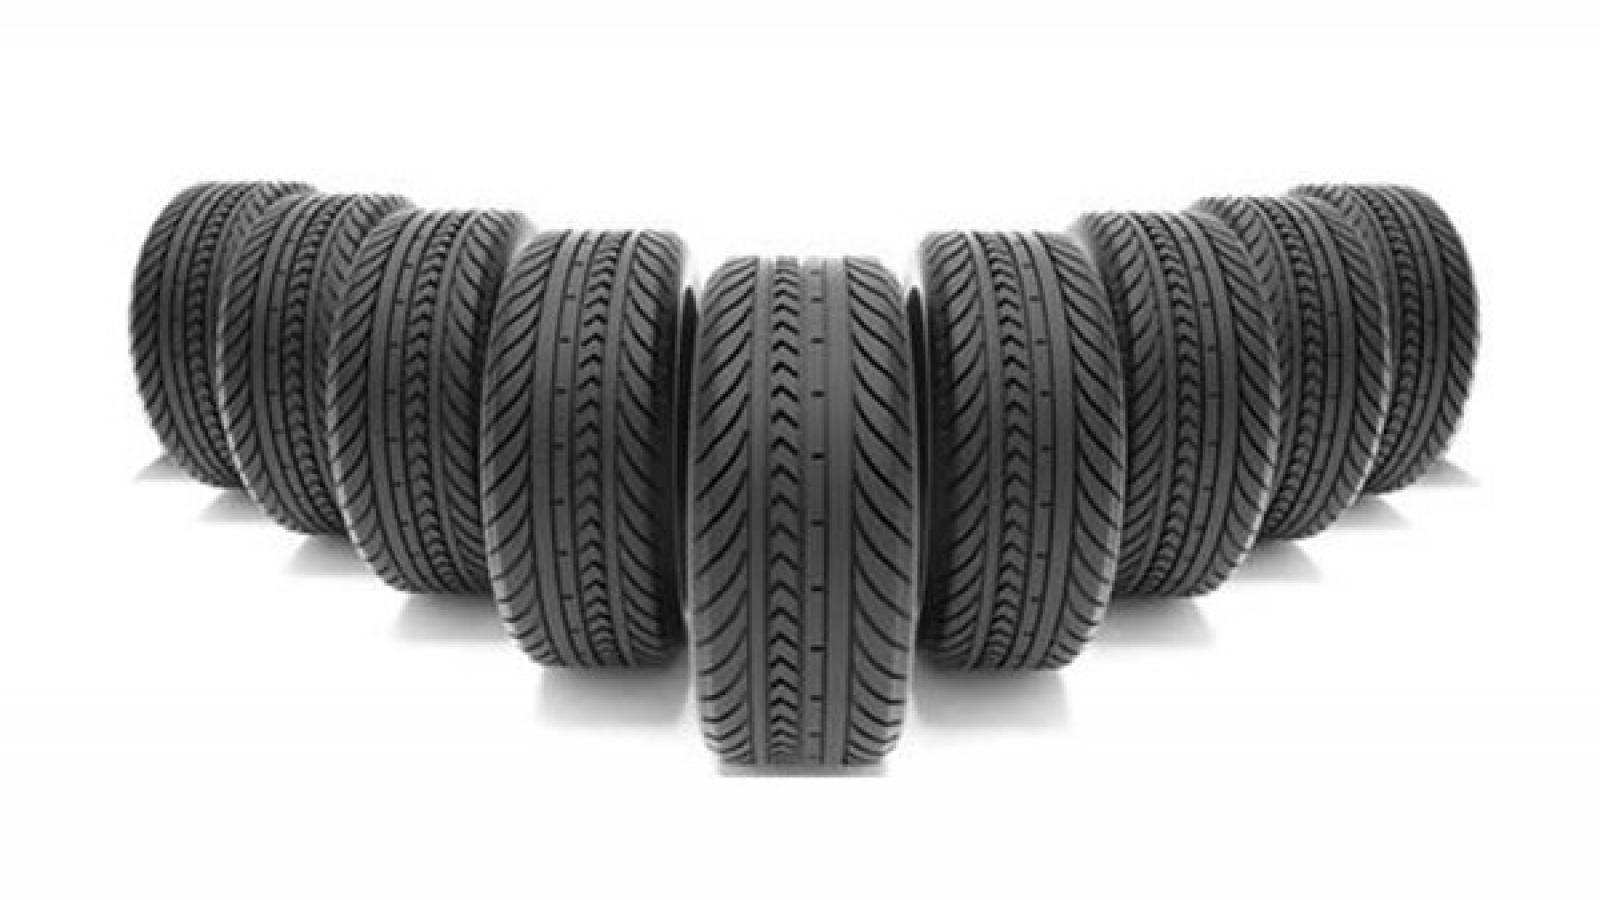 برندهای فاقد کیفیت در لیست سیاه واردات تایر قرار می گیرند - اجاره خودرو طباطبایی